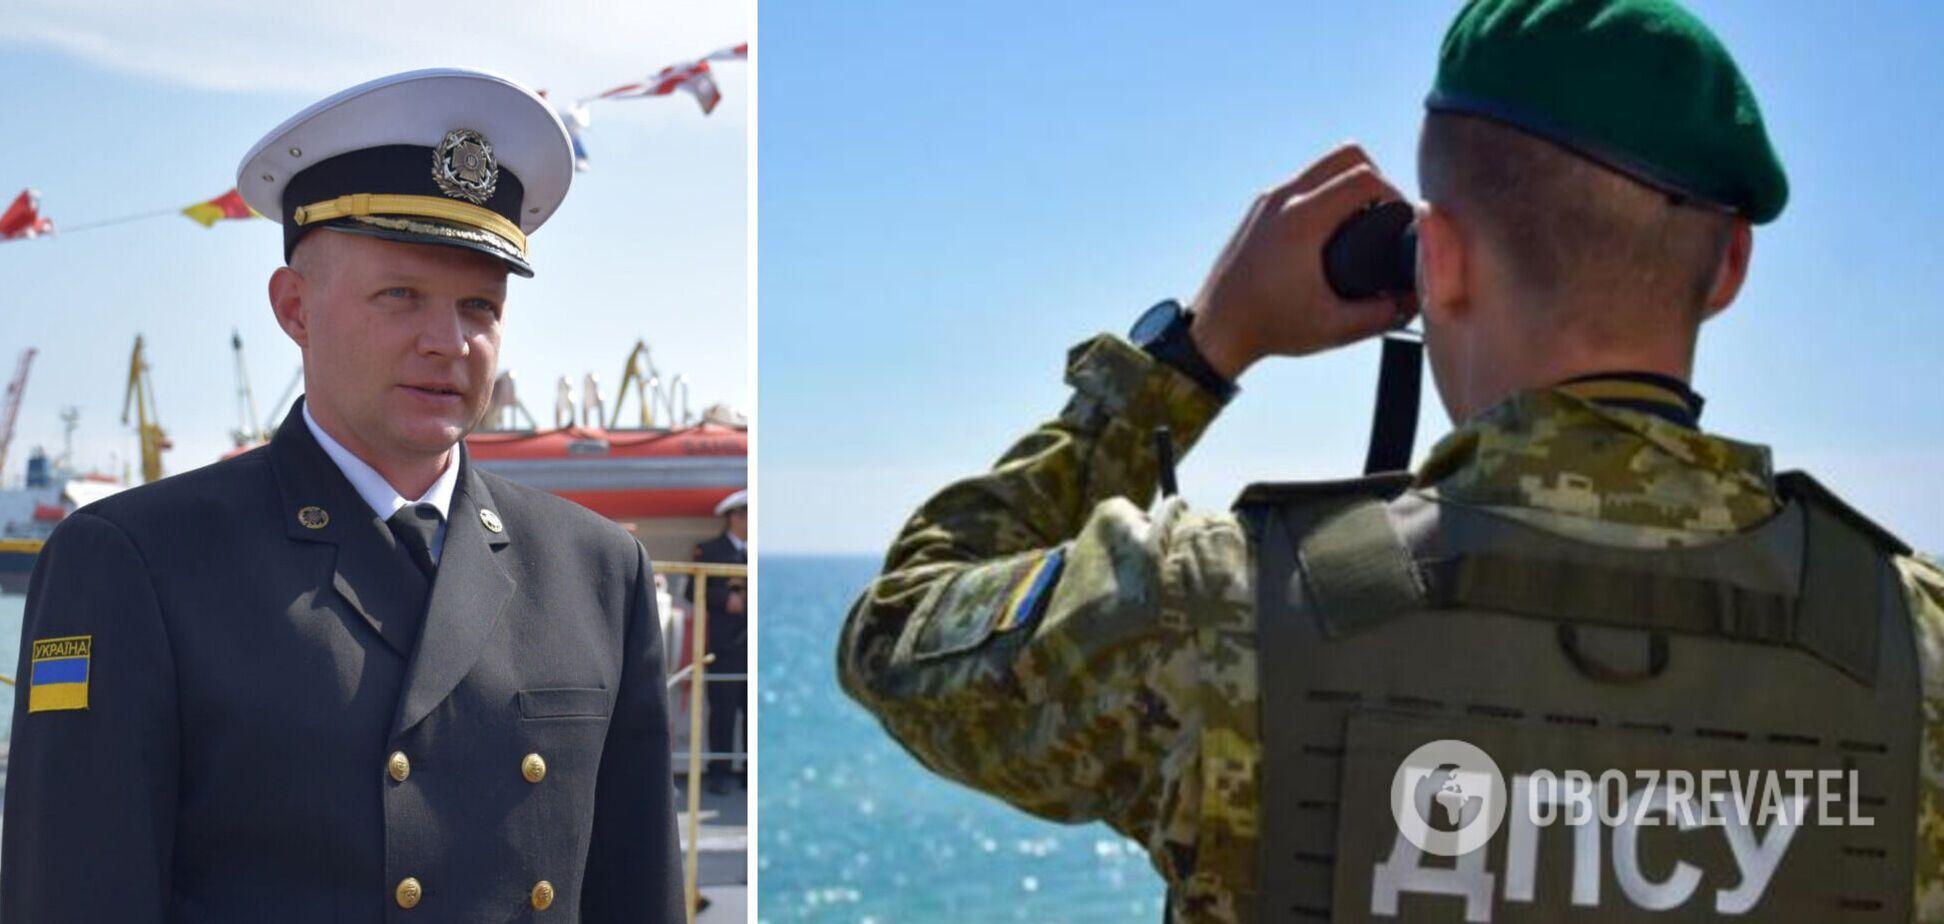 Зникнення начштабу загону морської охорони в Одесі: спливли подробиці про державну таємницю